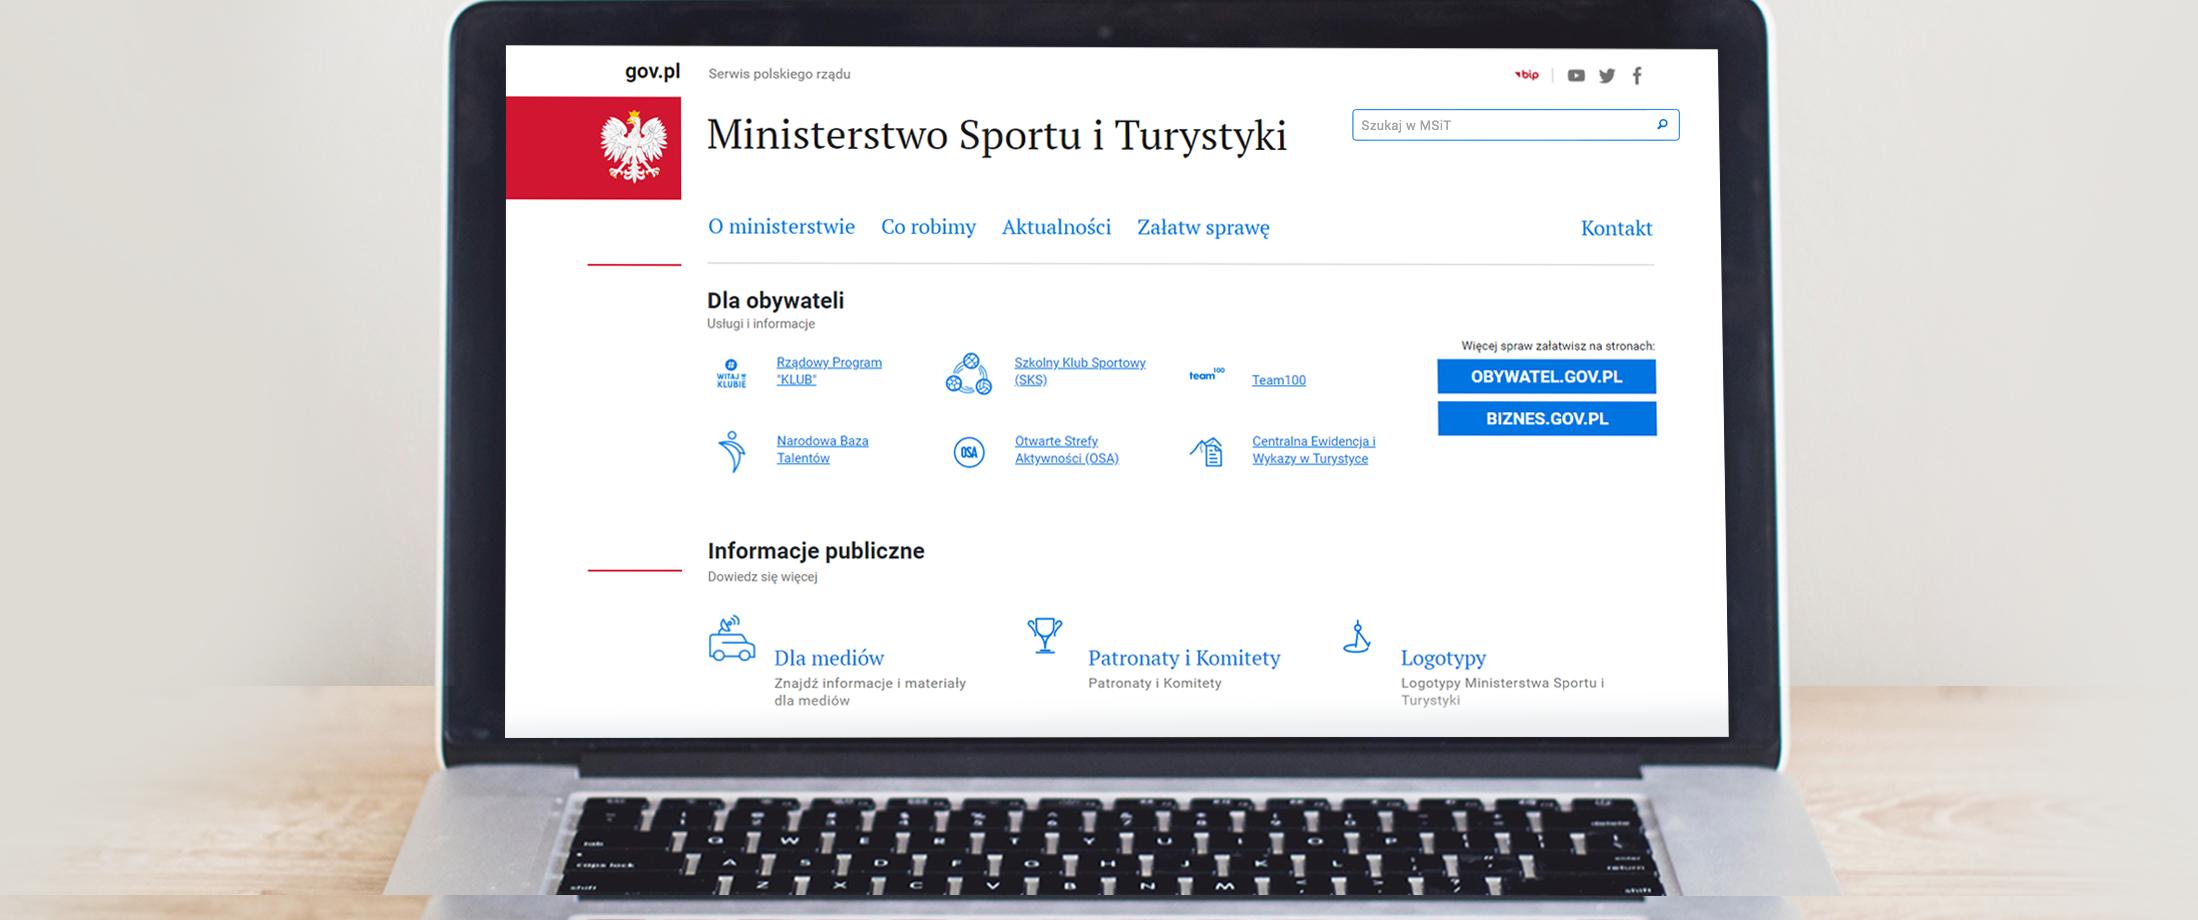 Ministerstwo Sportu i Turystyki dołączyło do portalu Gov.pl